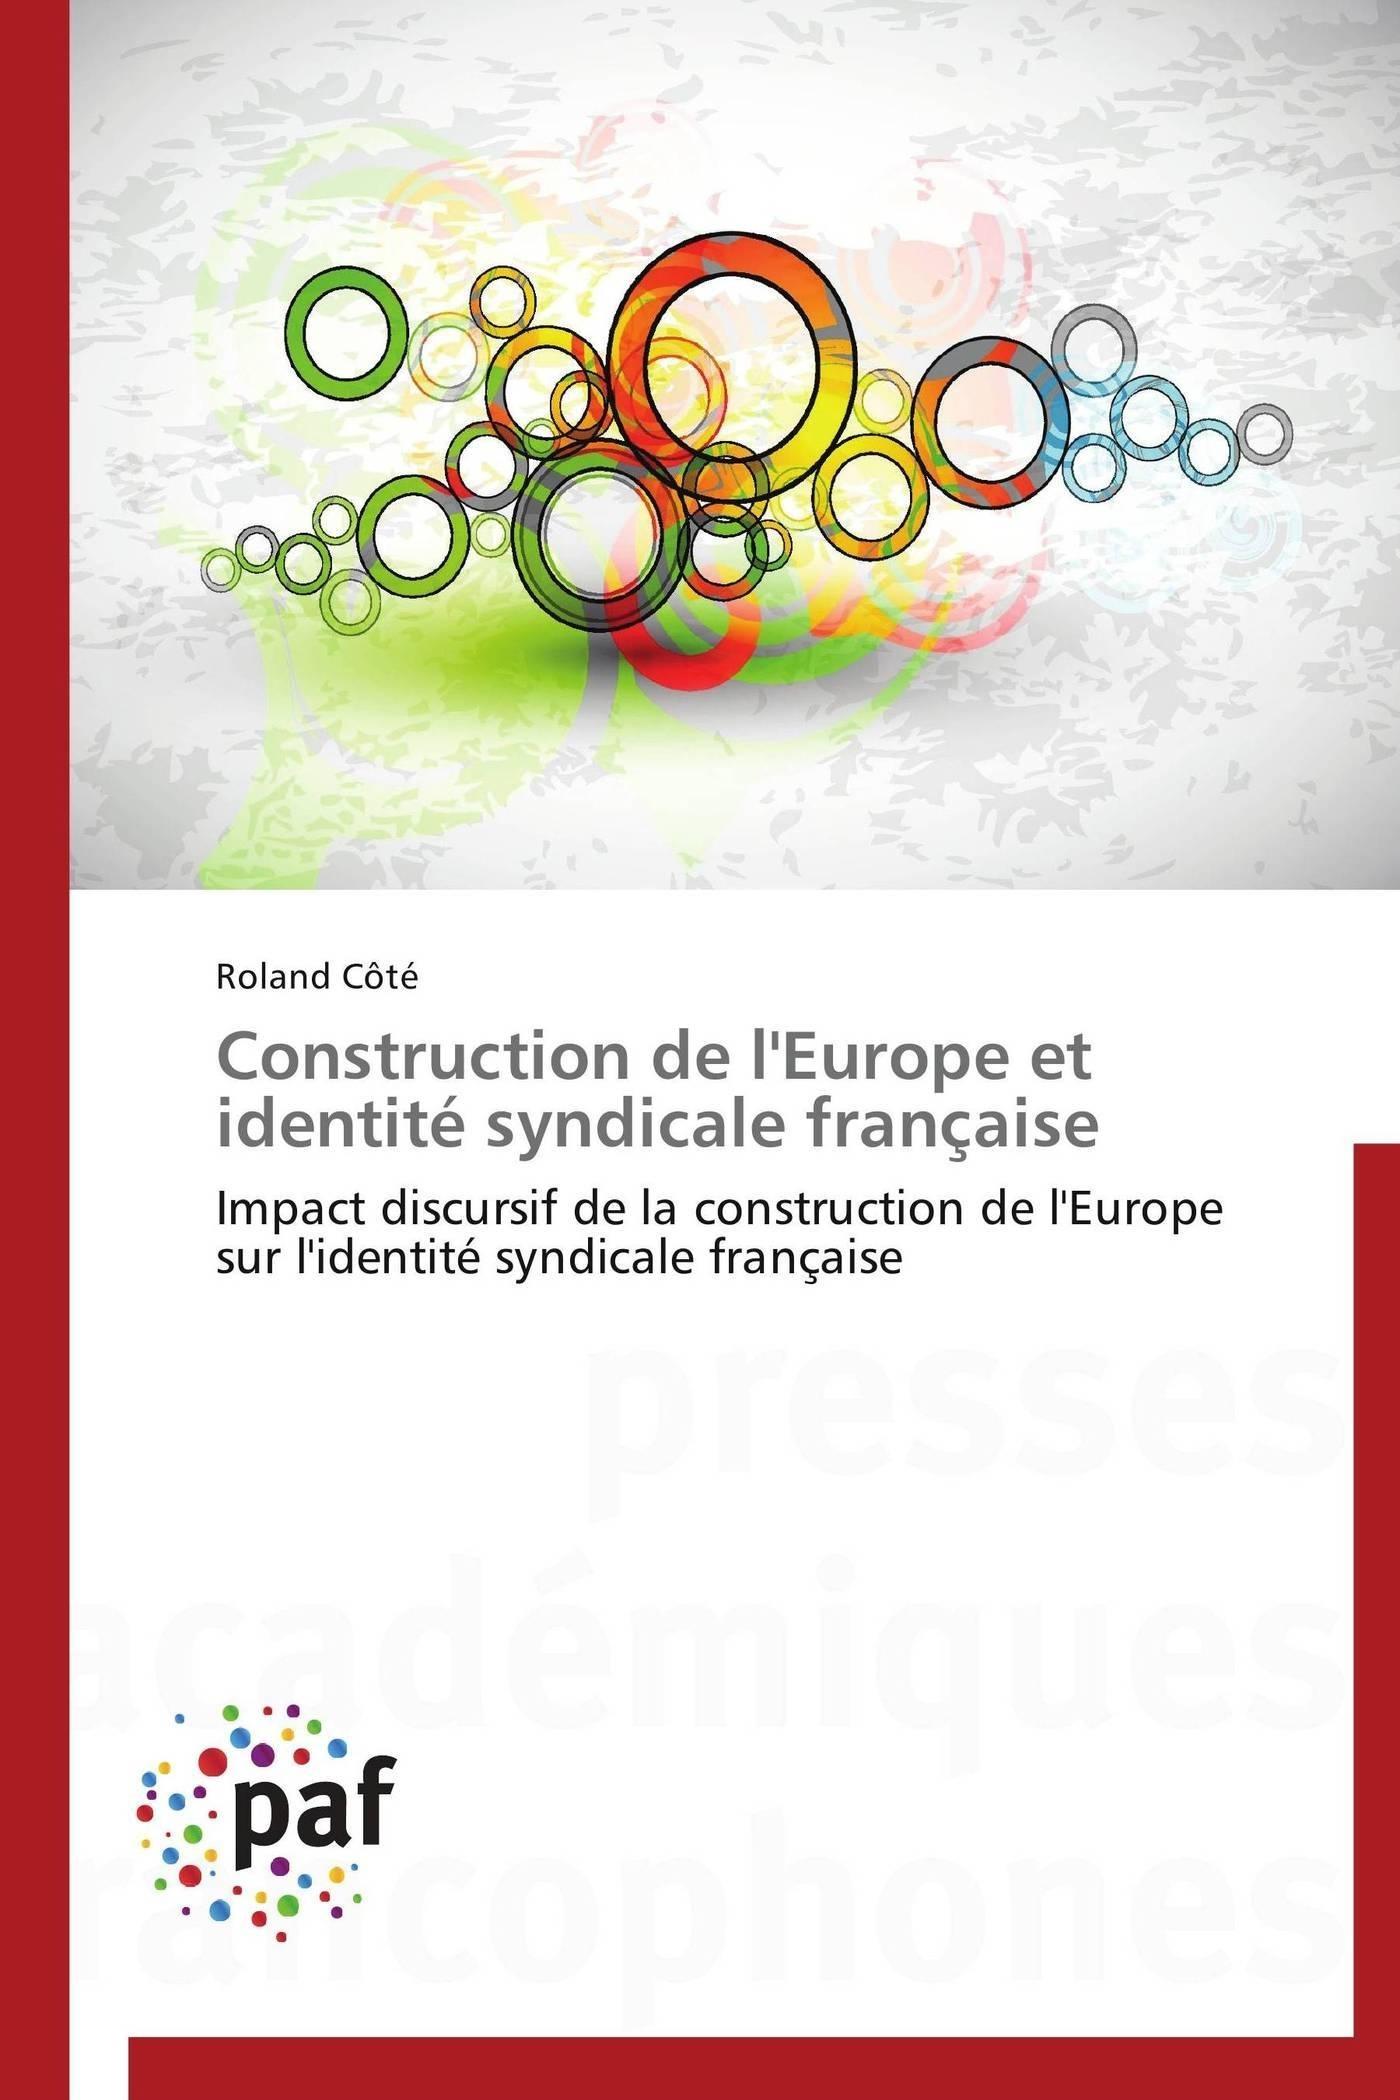 CONSTRUCTION DE L'EUROPE ET IDENTITE SYNDICALE FRANCAISE